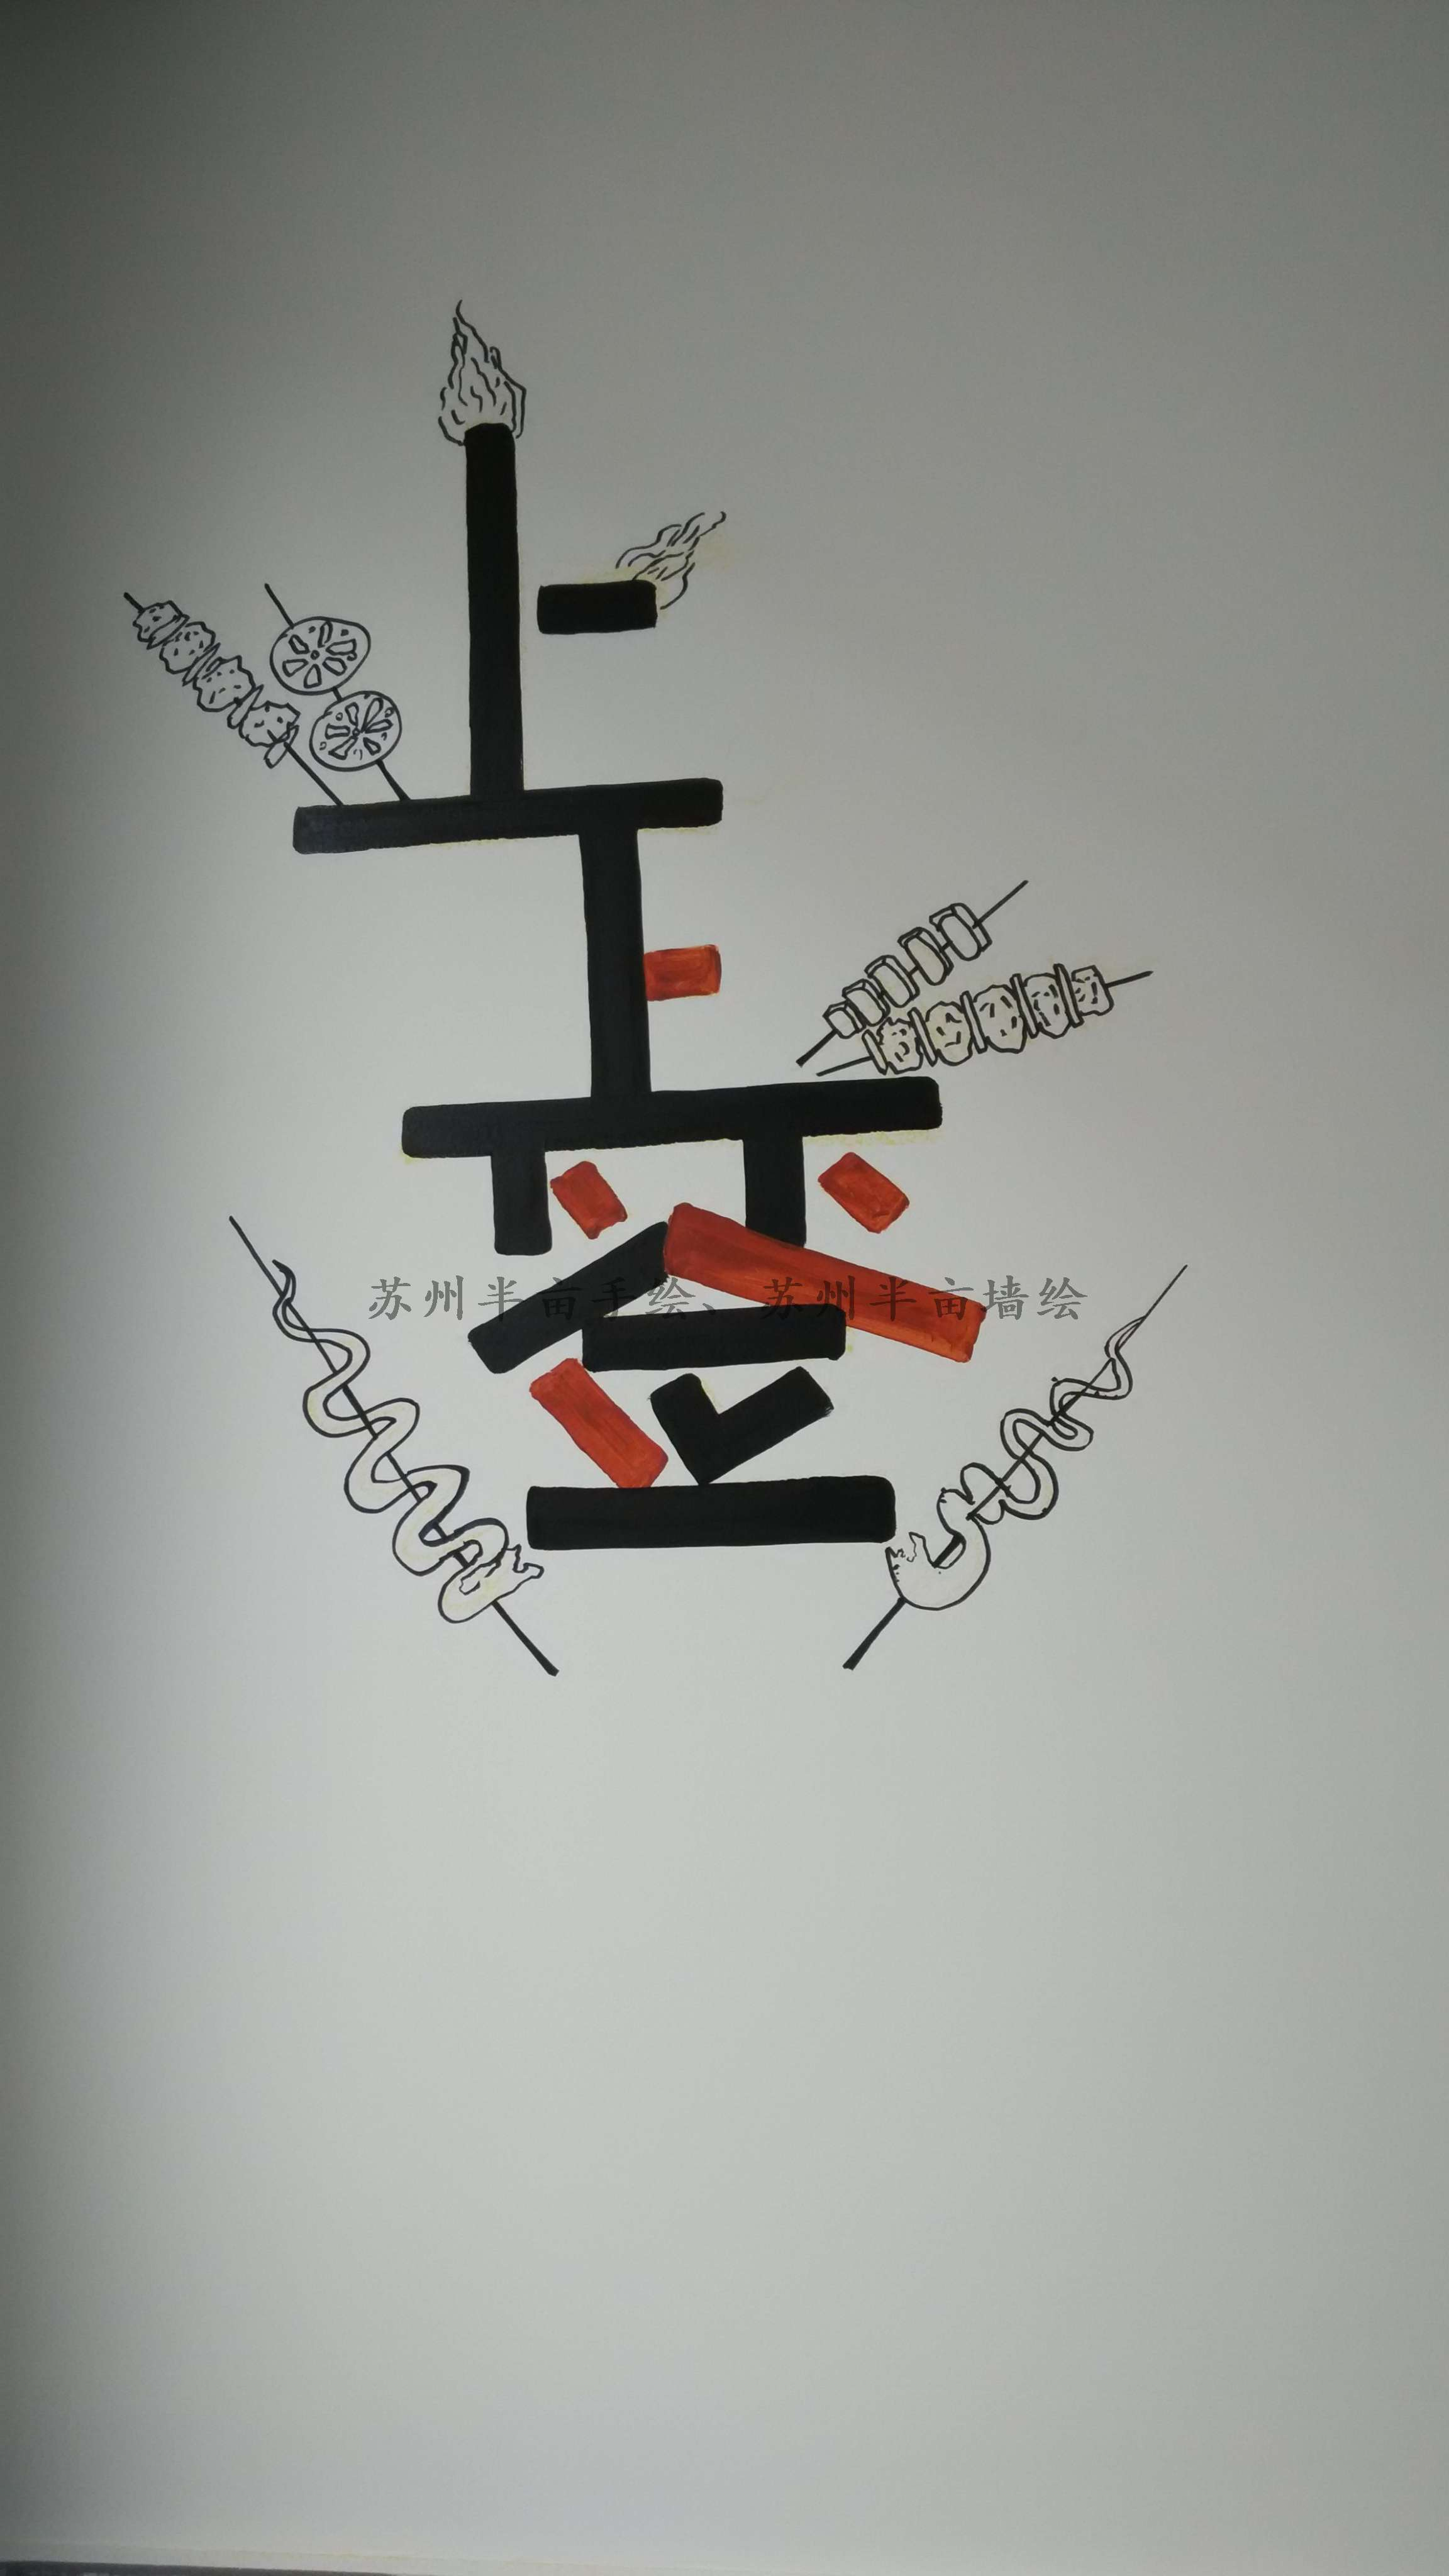 串串墙绘,苏州半亩手绘,江苏墙绘